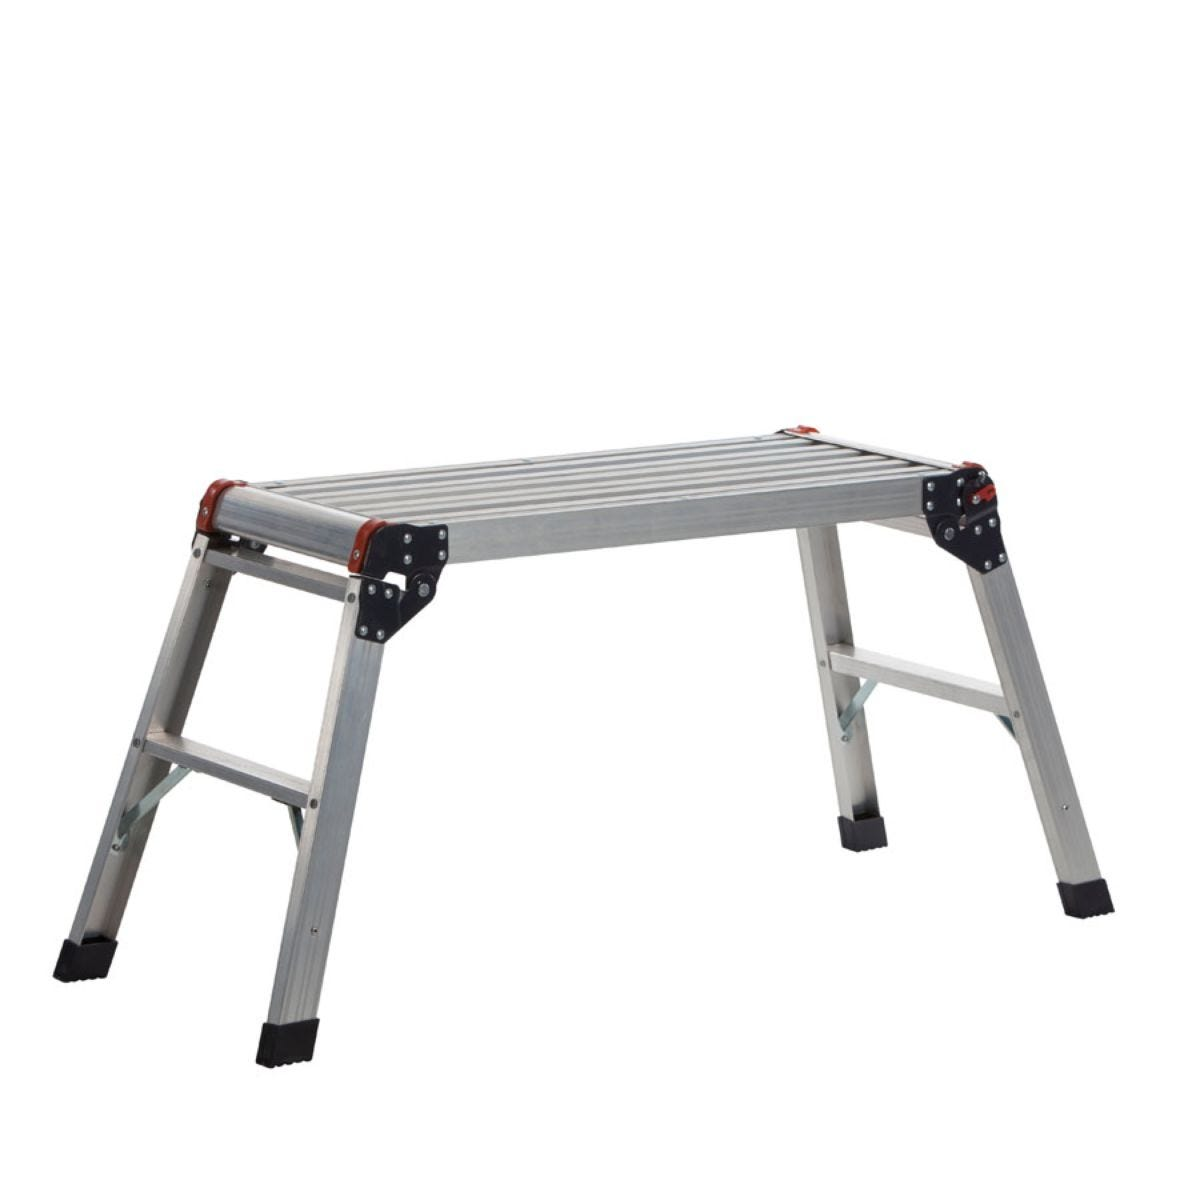 Abru Handy Work Platform Ladder